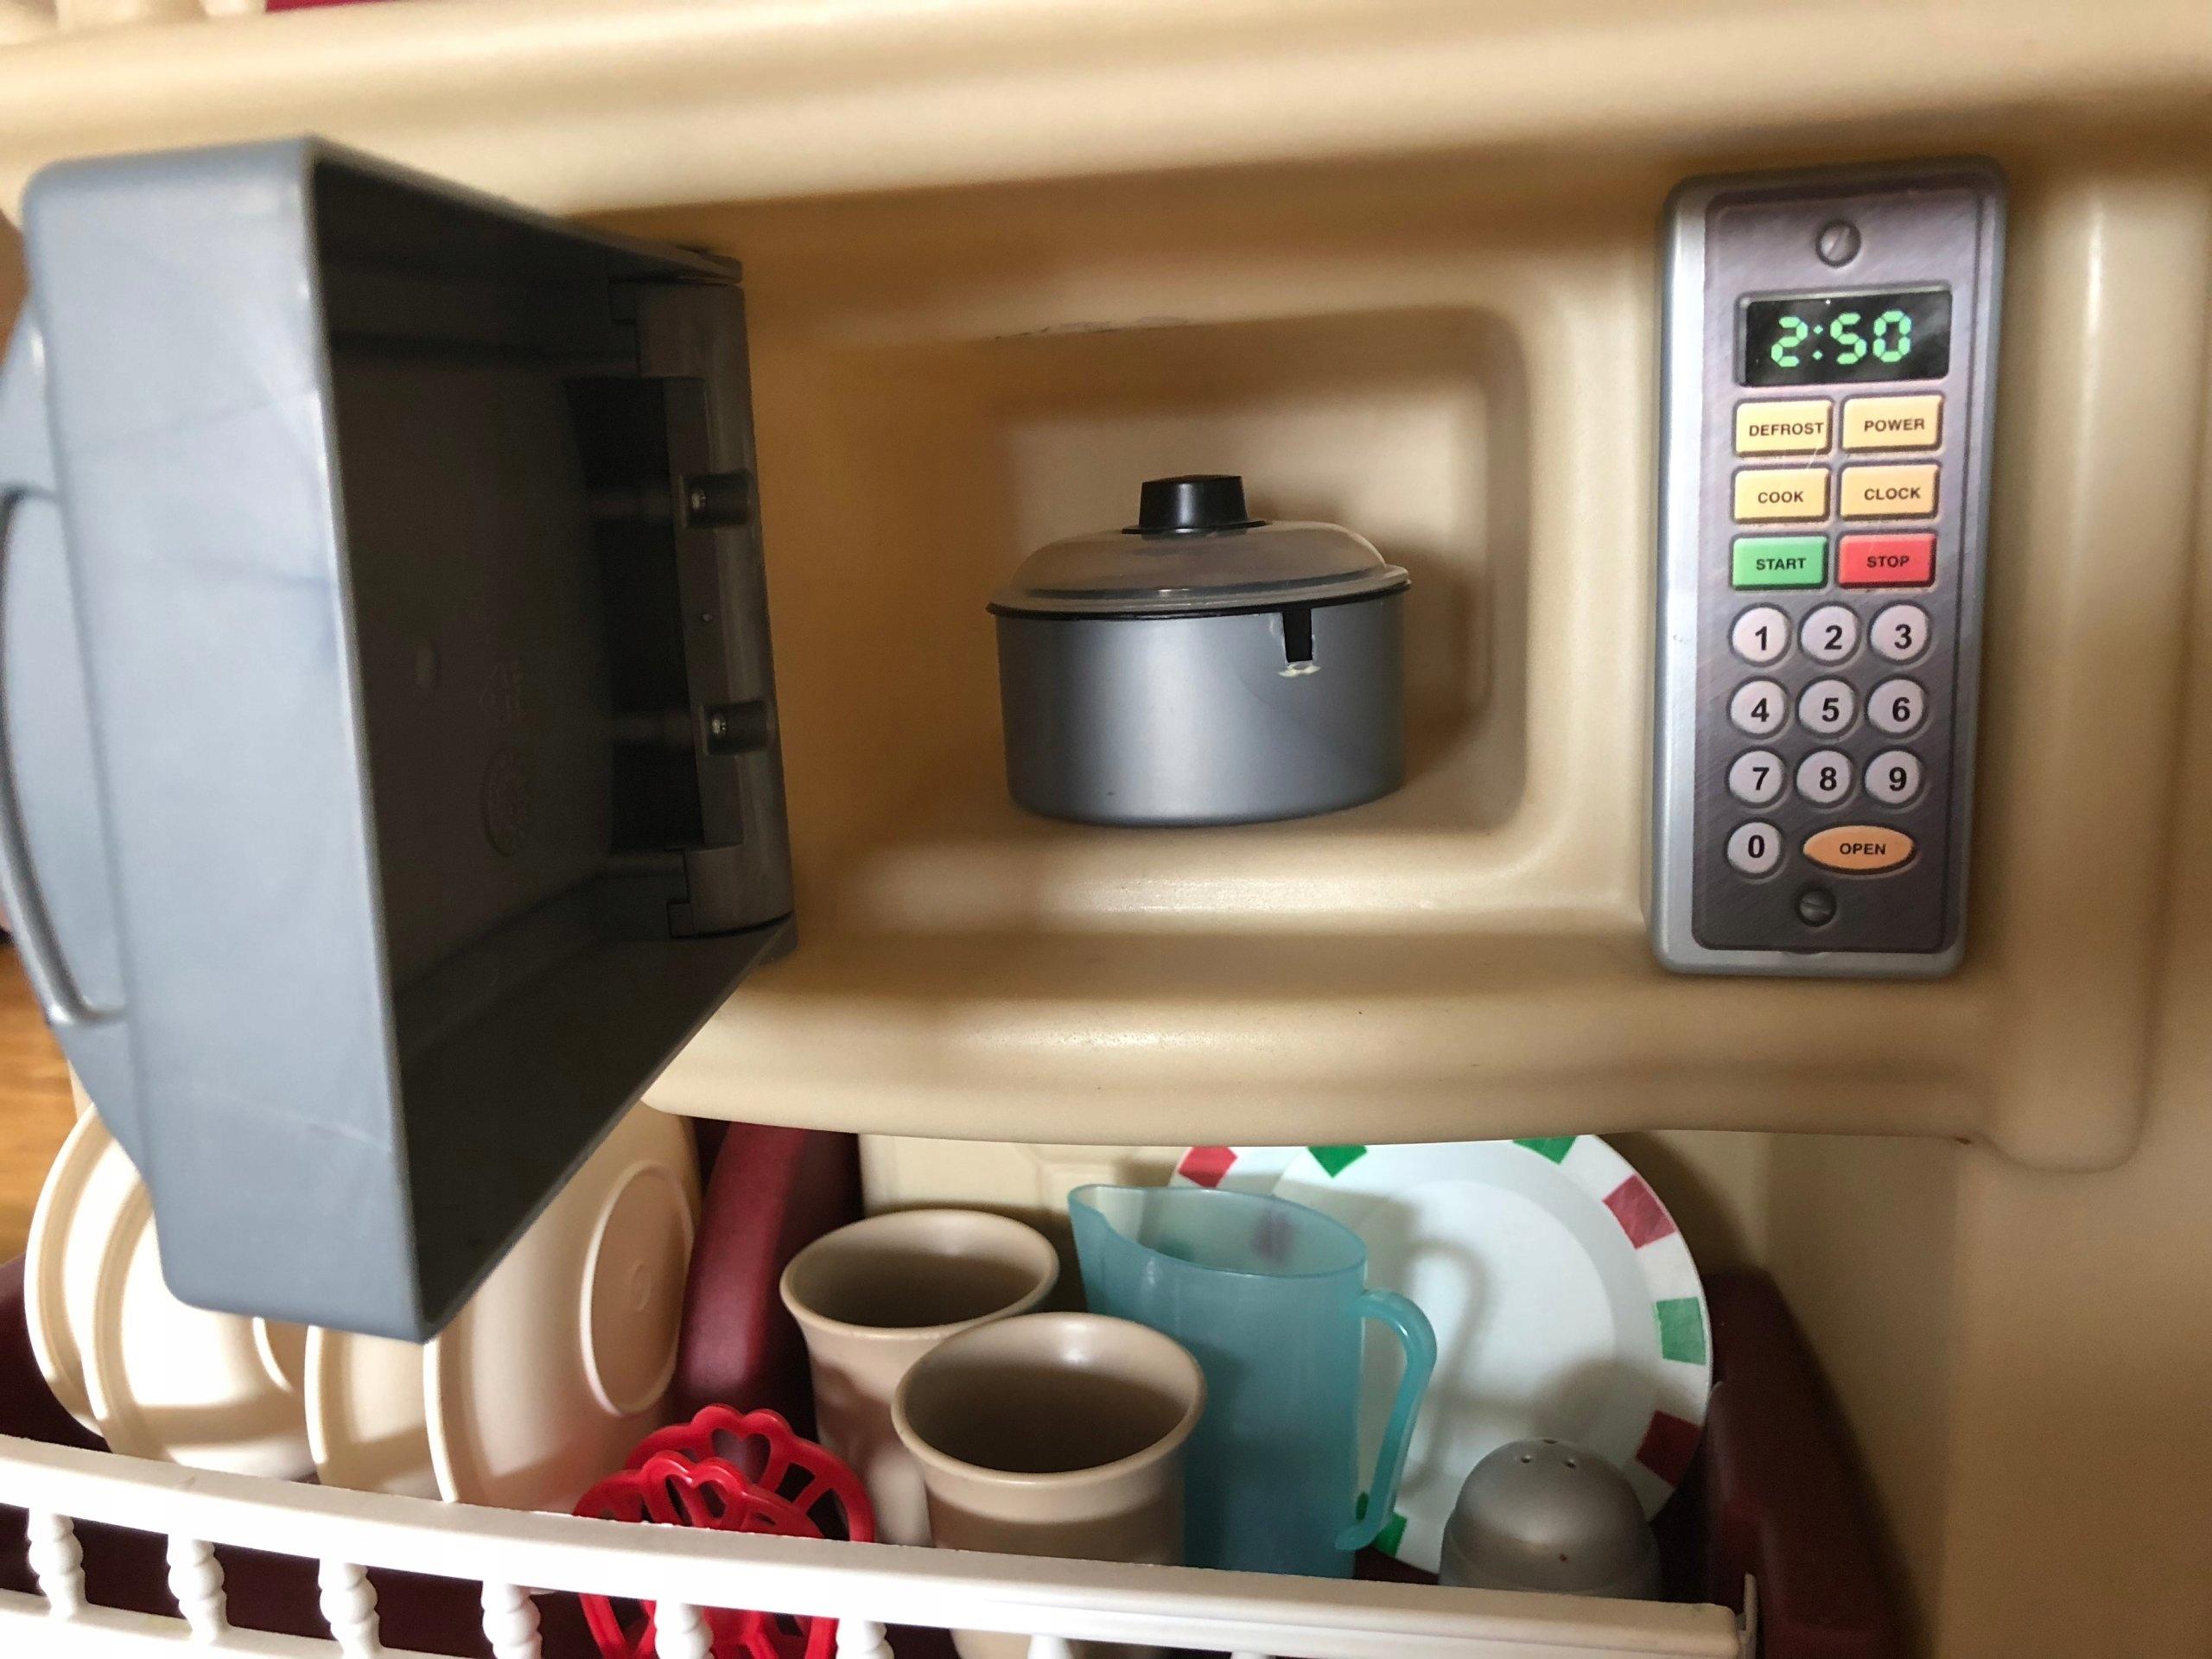 Step 2 Kuchnia Dla Dzieci Duza 7442170015 Oficjalne Archiwum Allegro